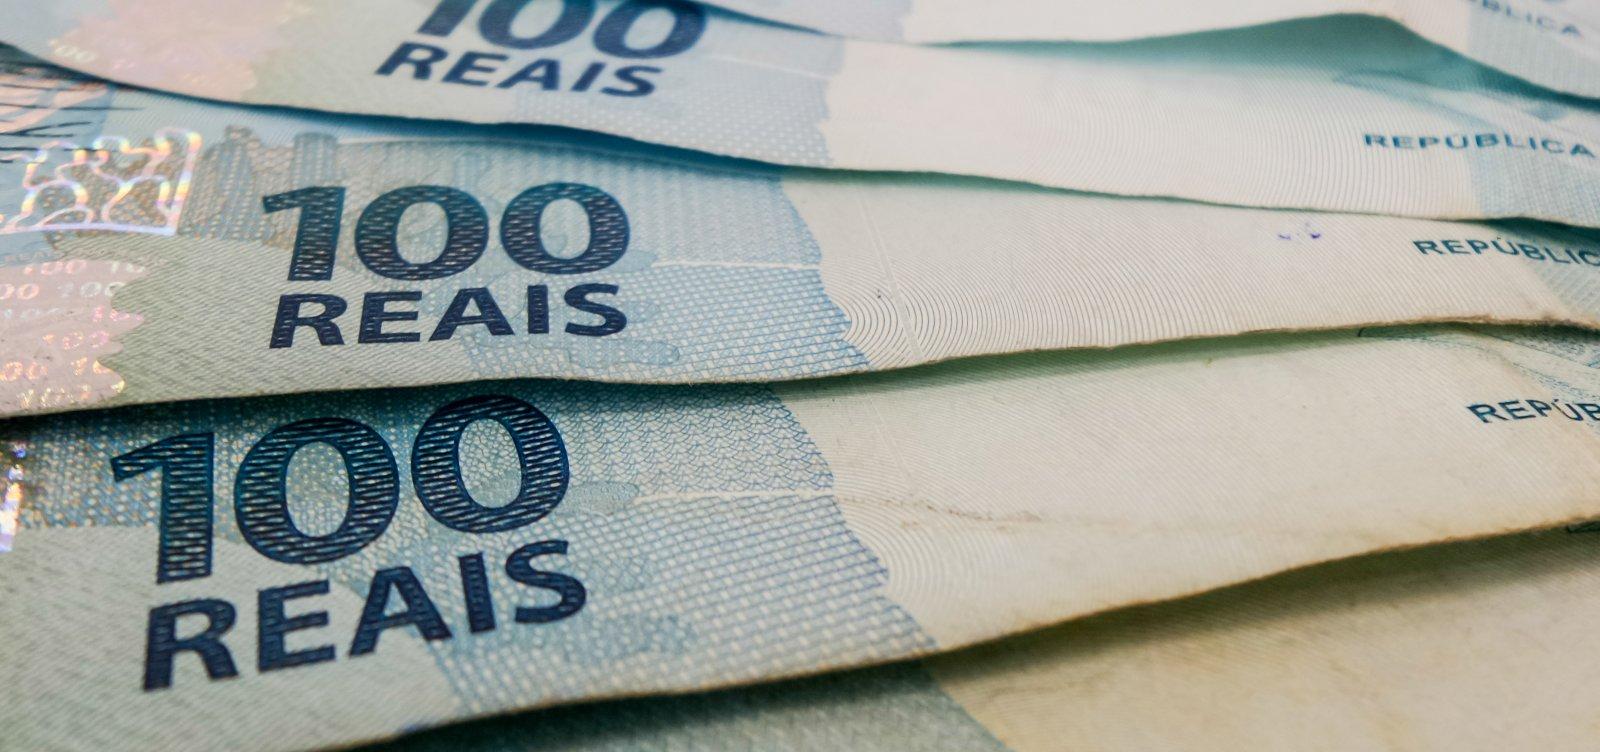 [Coronavírus: Bancos estudam prorrogar pagamentos de dívidas em até 60 dias]